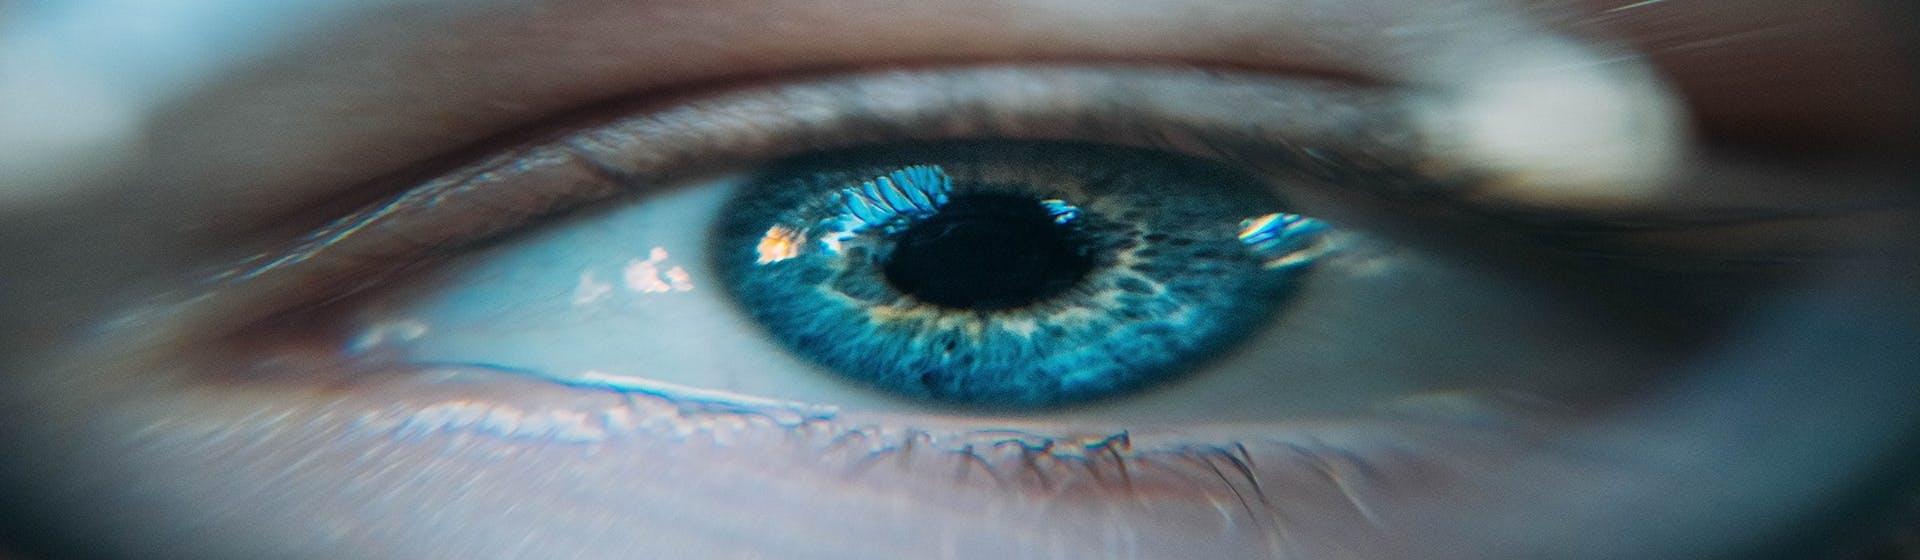 ¿Qué es OpenCV?: ¡Descubre todo acerca de la visión artificial!